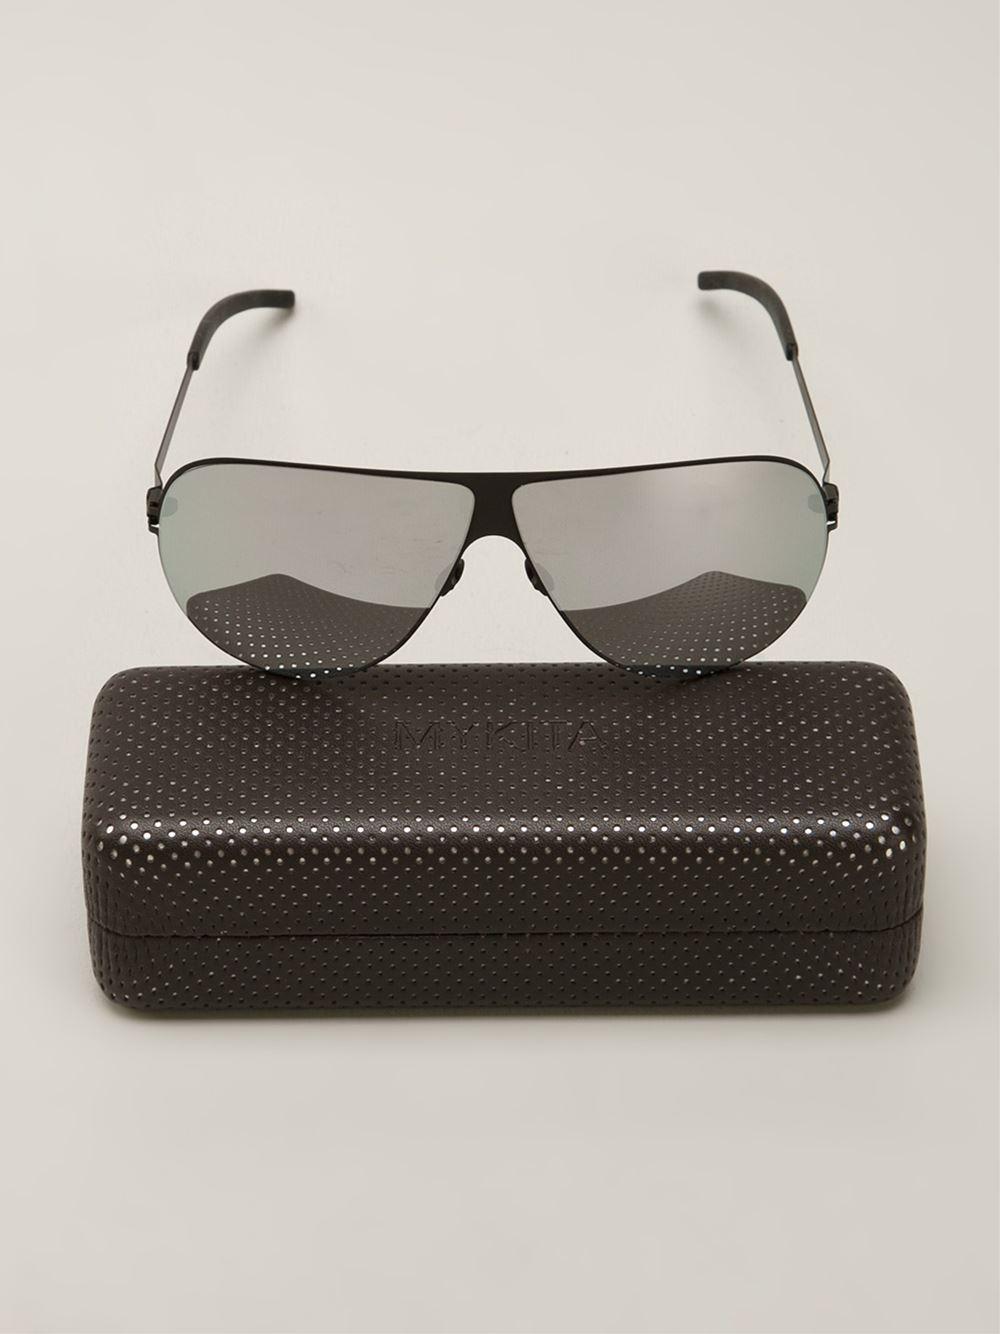 c6d5738837 Lyst - Mykita Elliot Sunglasses in Black for Men